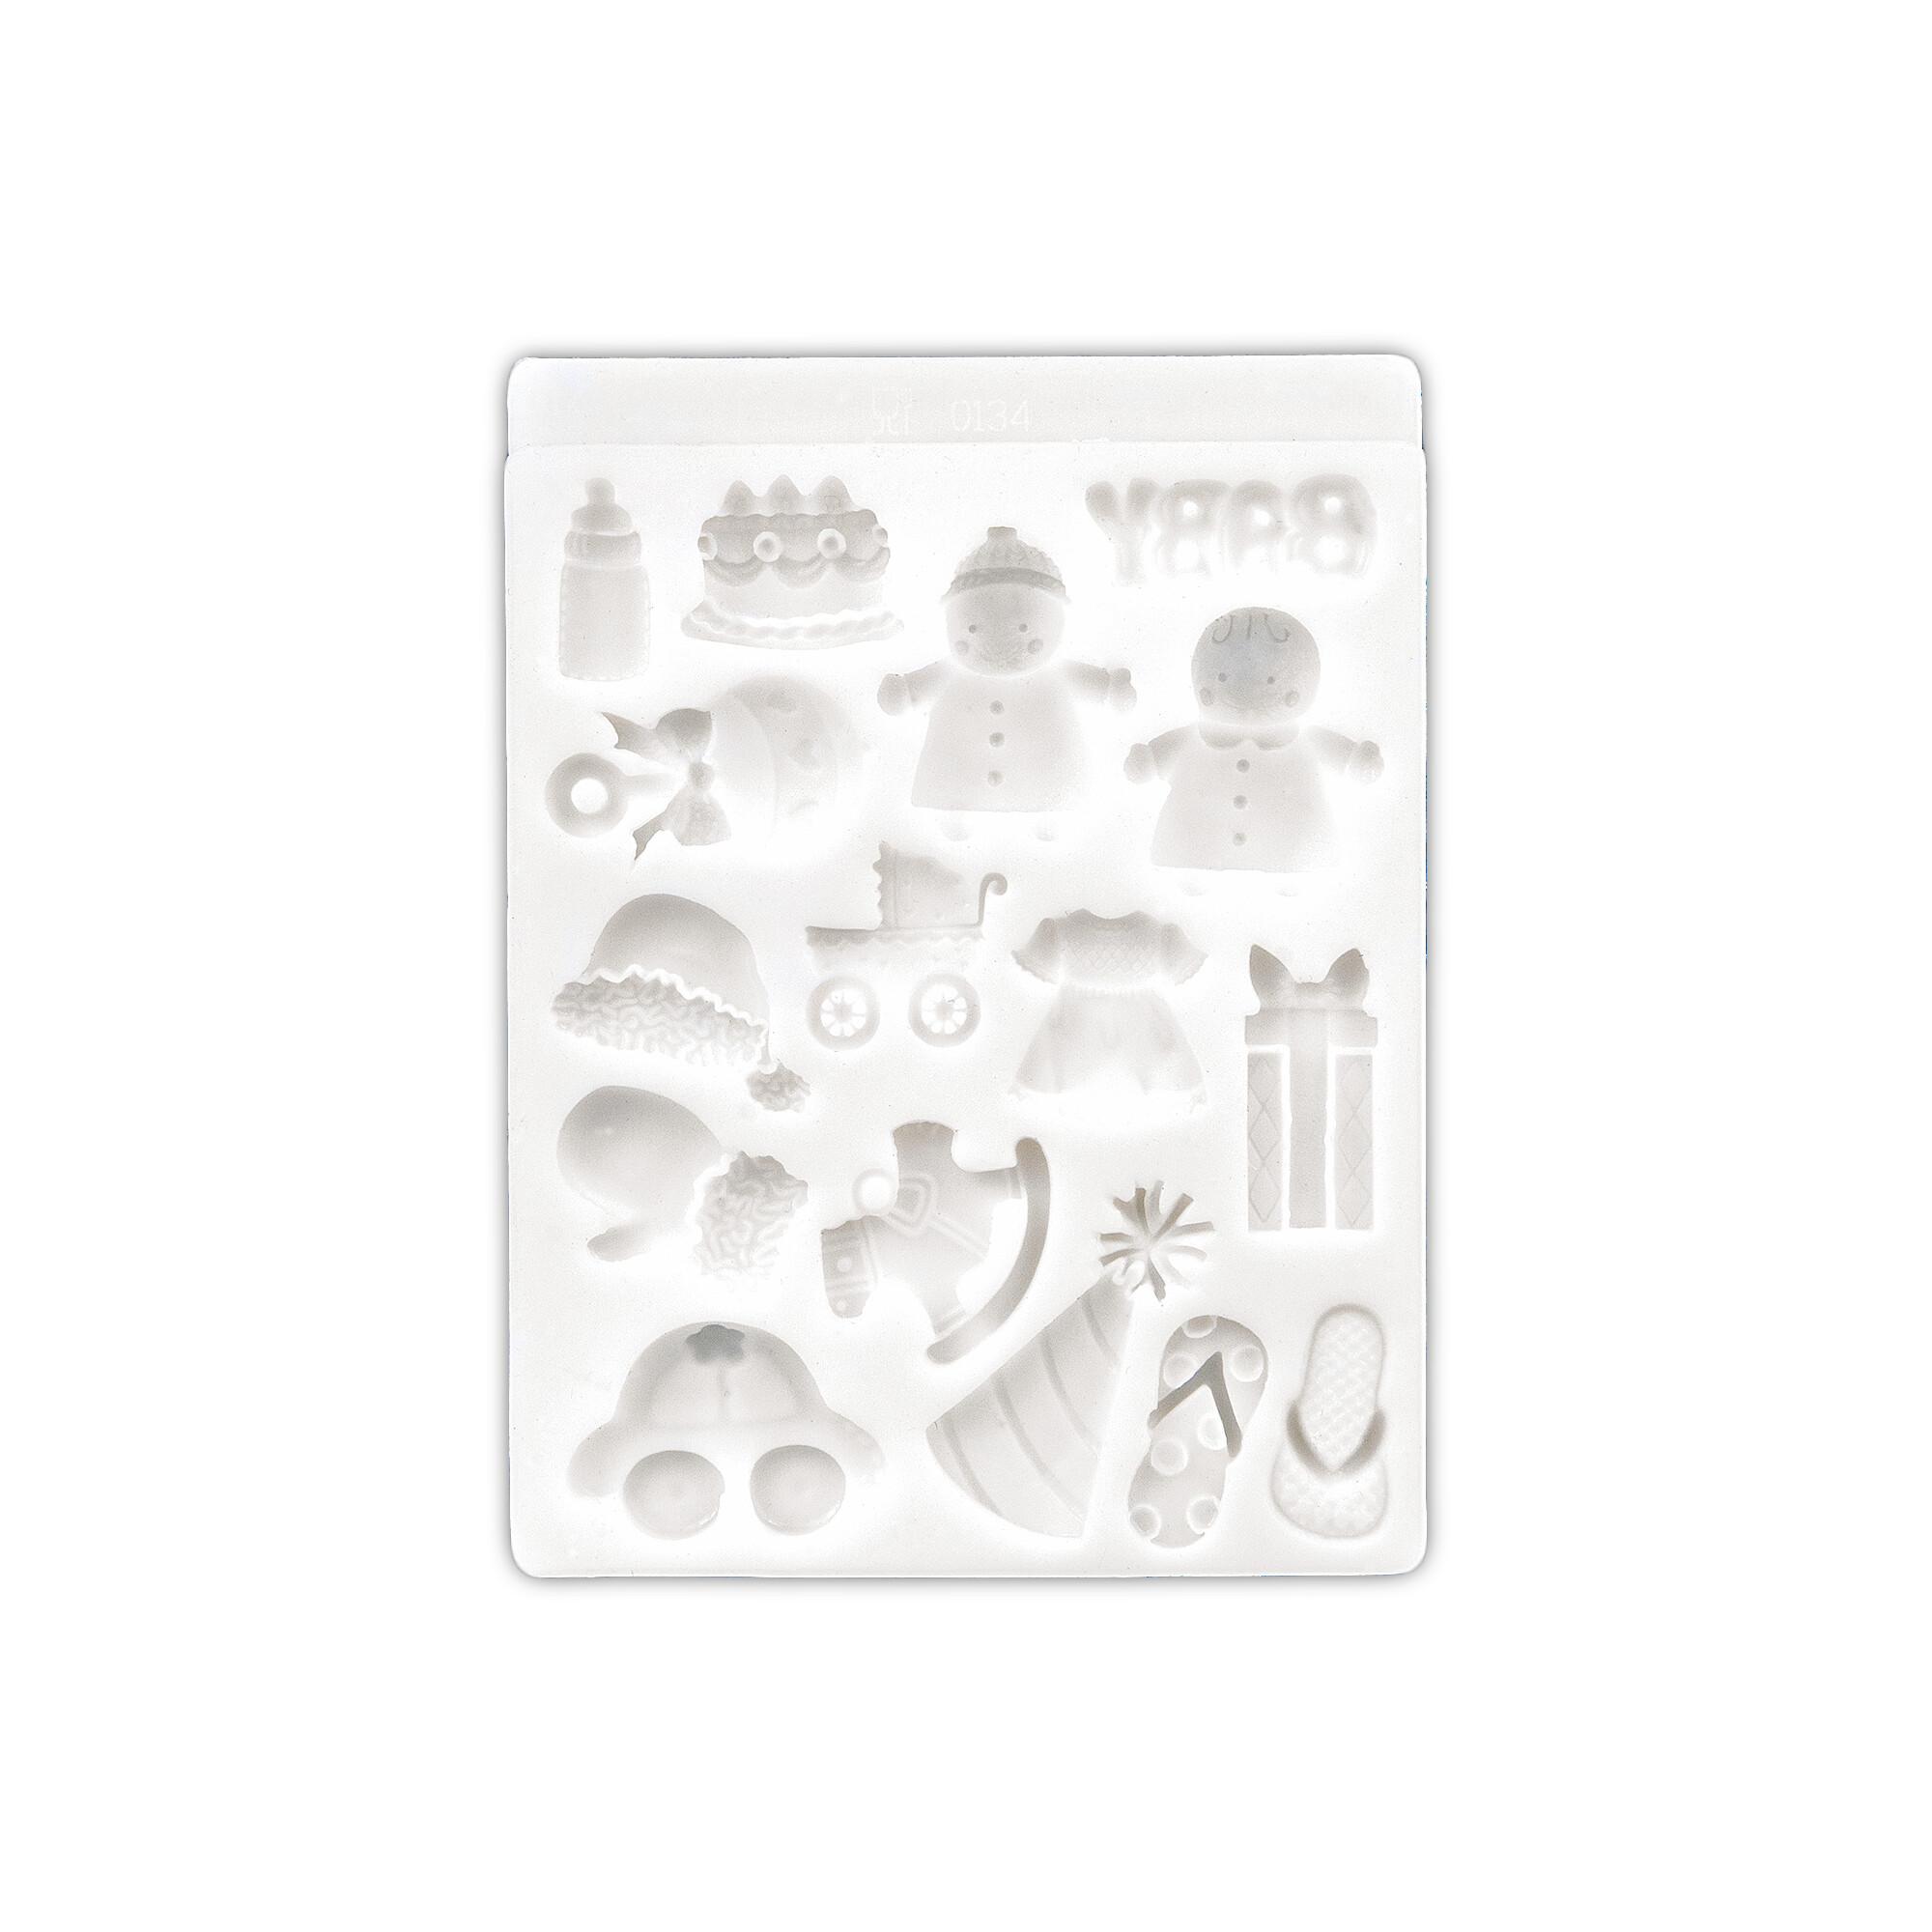 Deko-Flex-Model - Baby - 16er-Reliefform